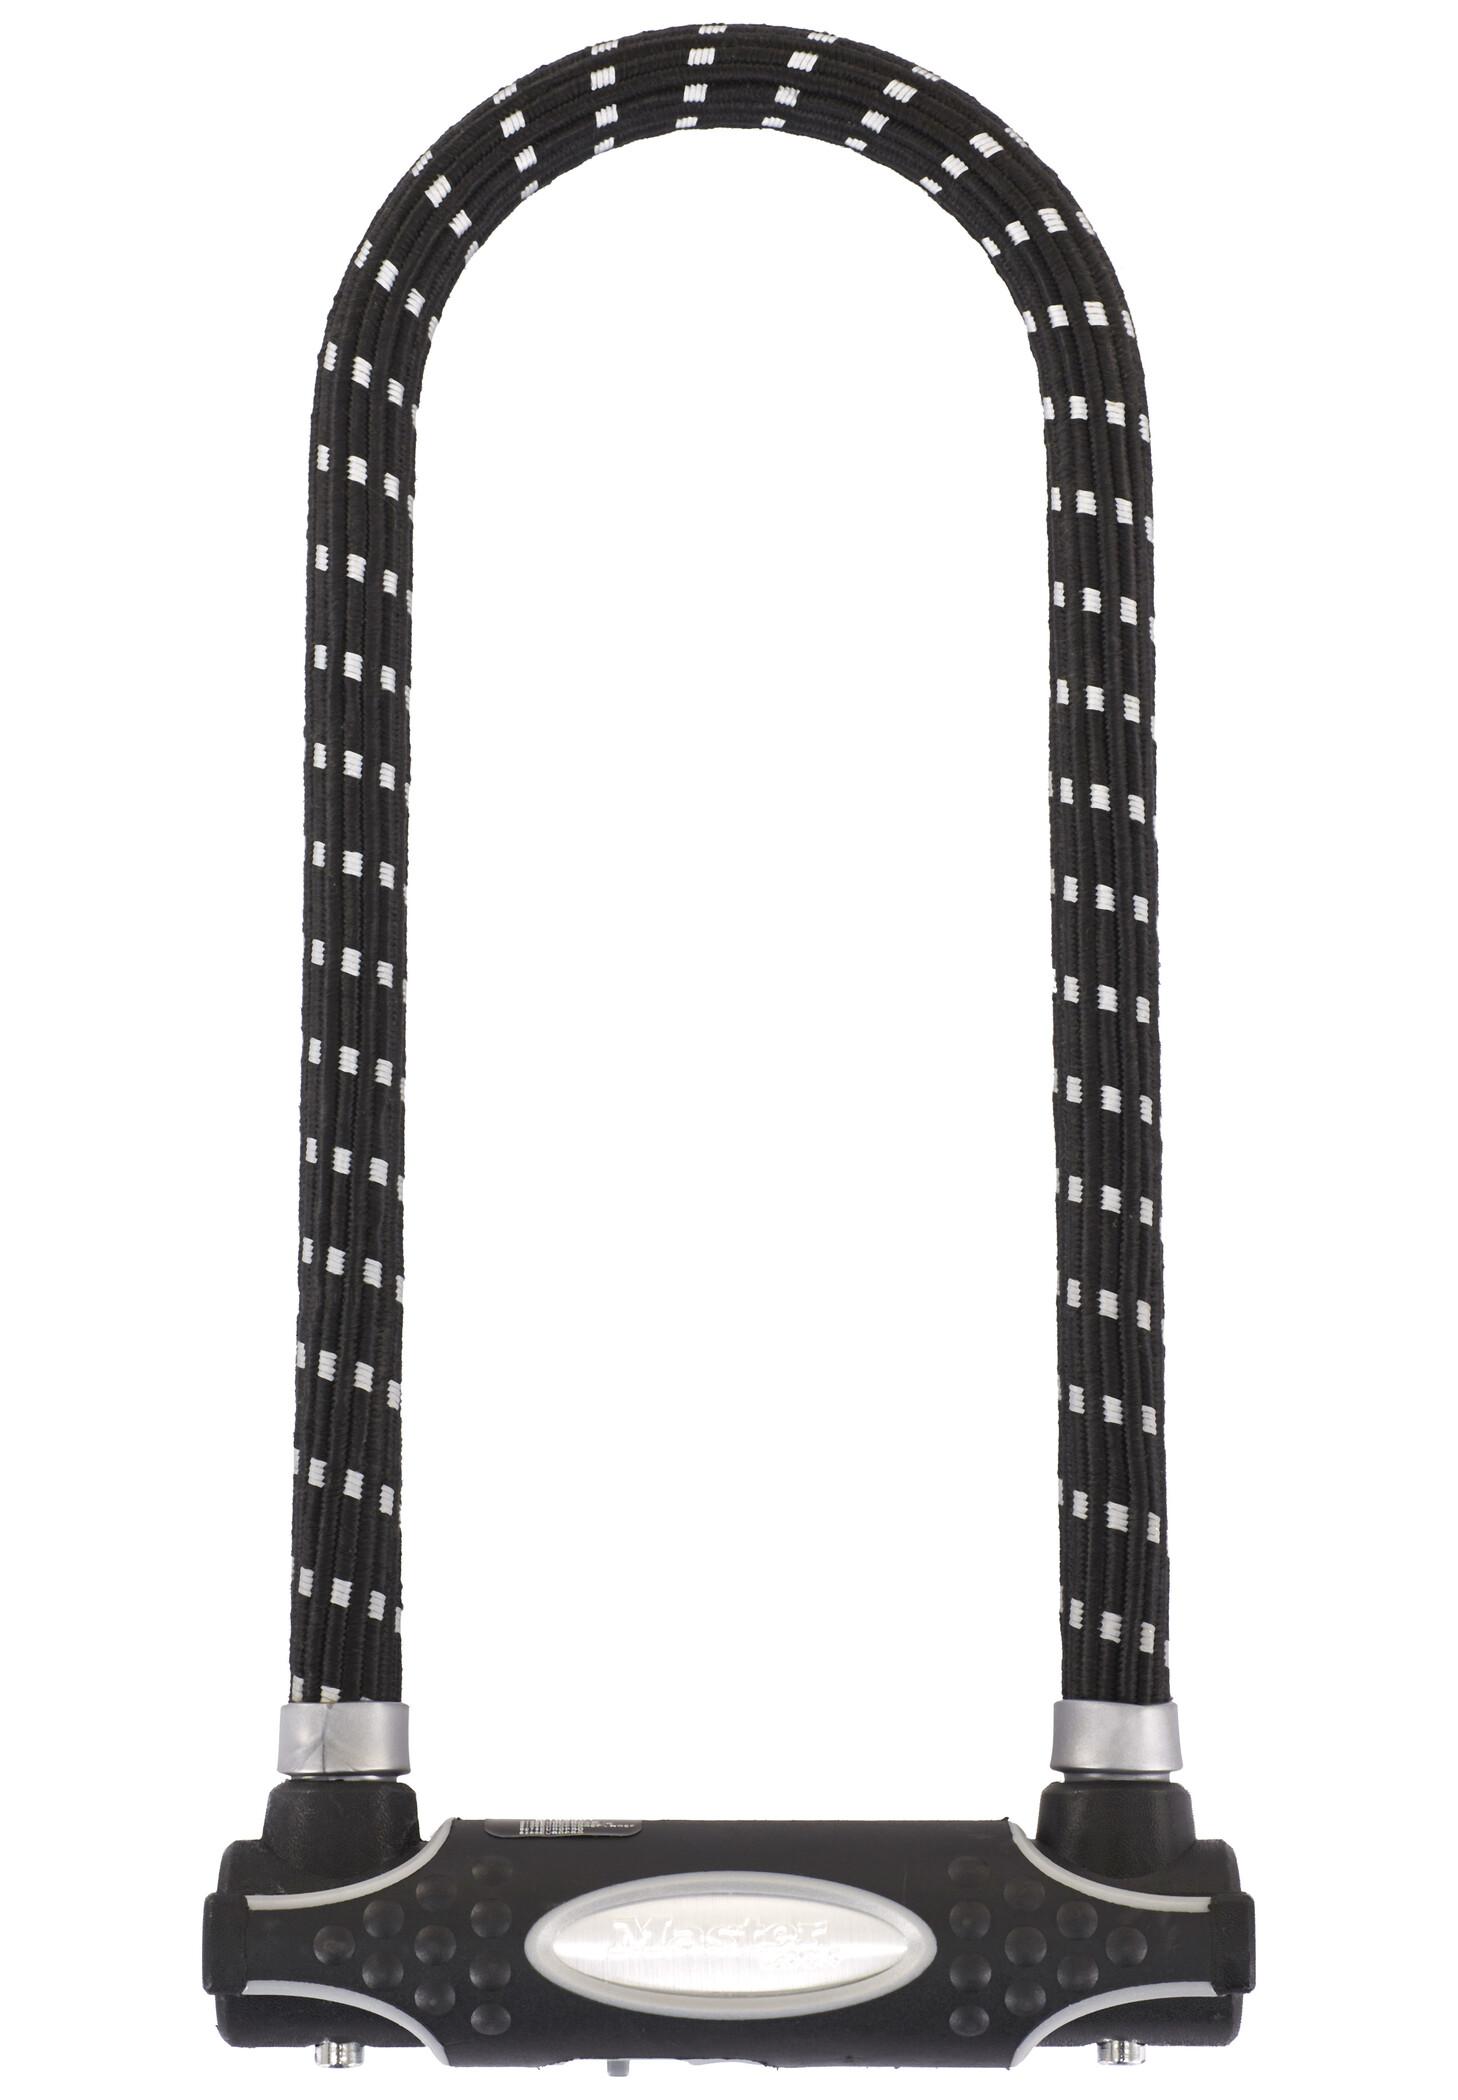 Masterlock 8195 U-Lock 13 mm x 280 mm x 110 mm, black/reflex (2019)   Løse låse